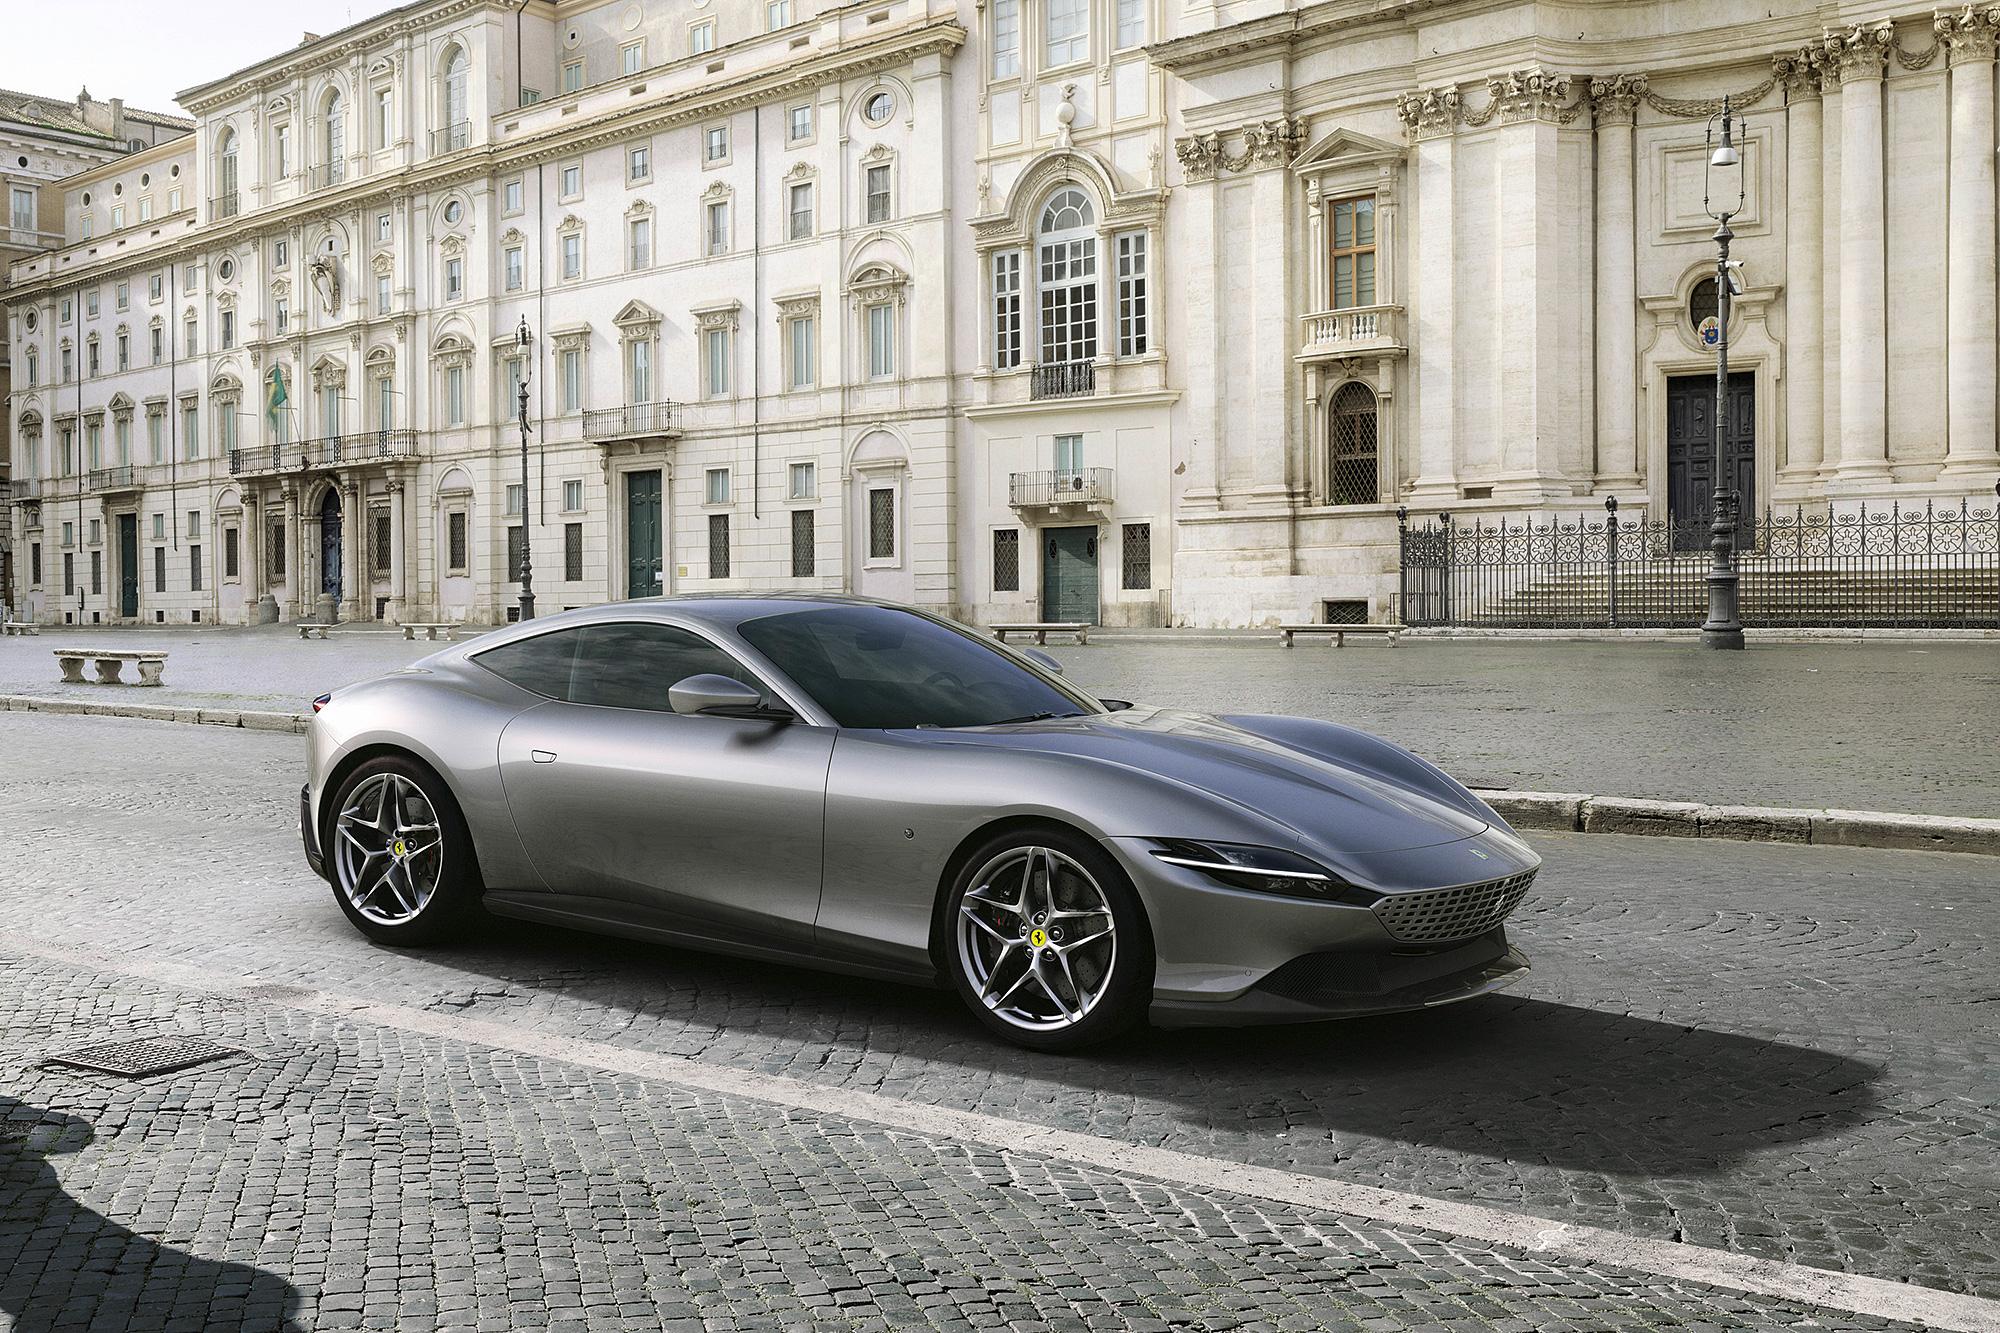 Roma 為披覆 Ferrari 新世代設計語言的全新高性能 GT 跑車。